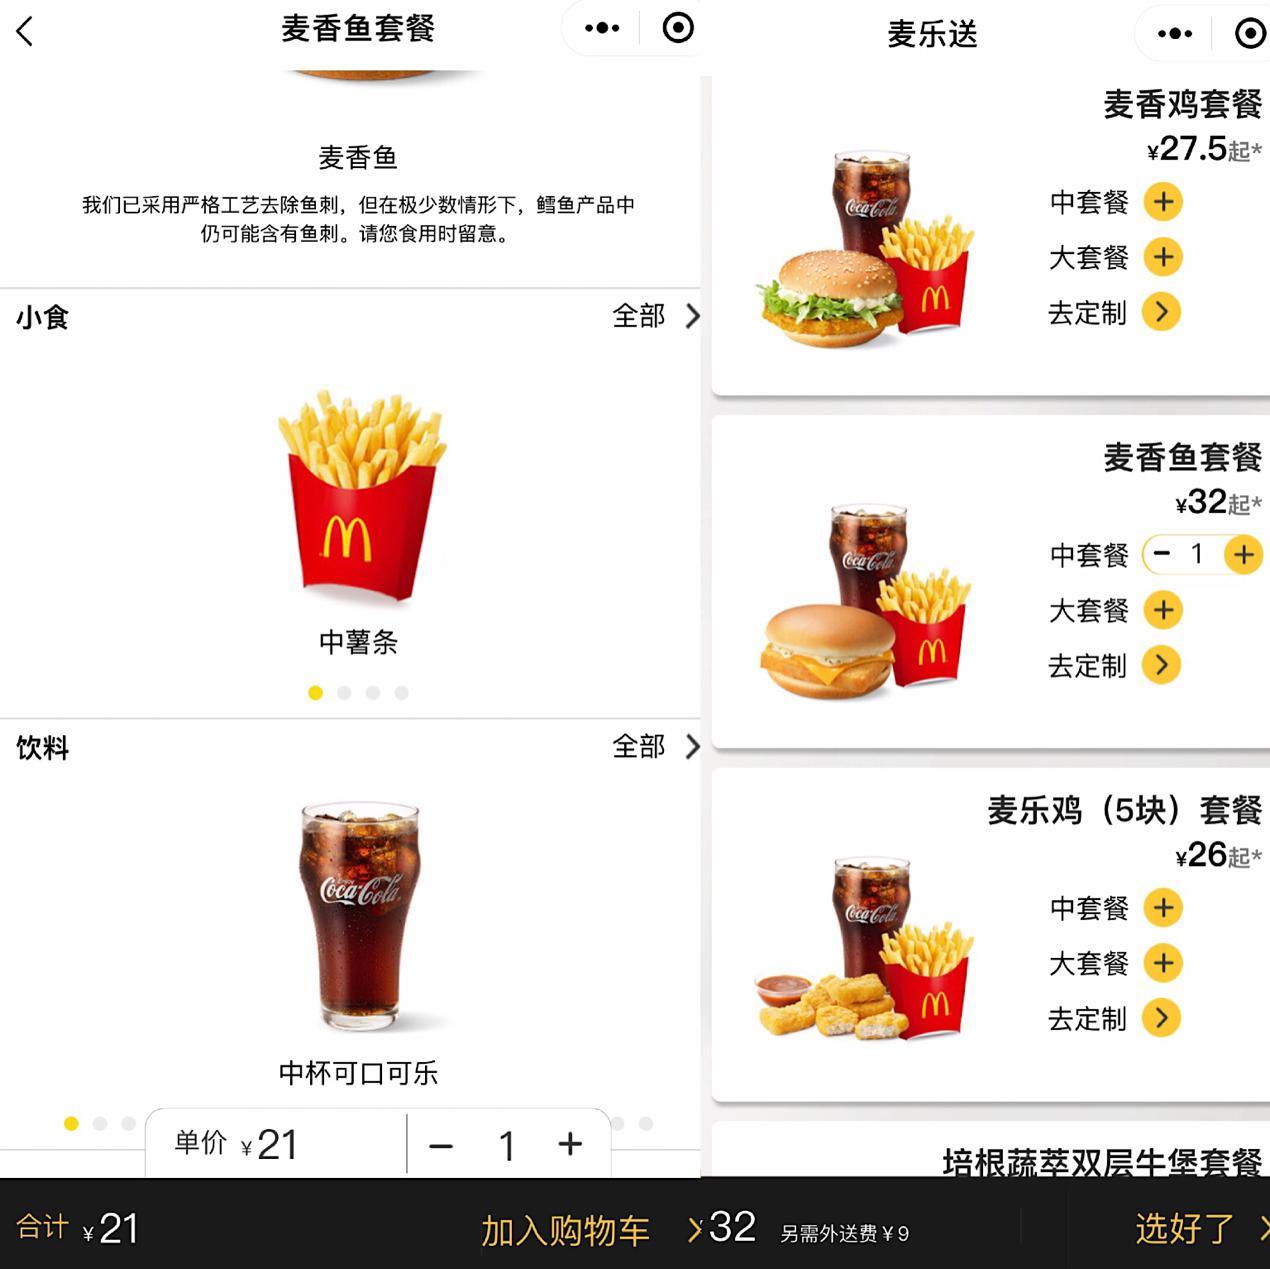 外賣、堂食定價不一,不止麥當勞還有更多,商戶有話說……